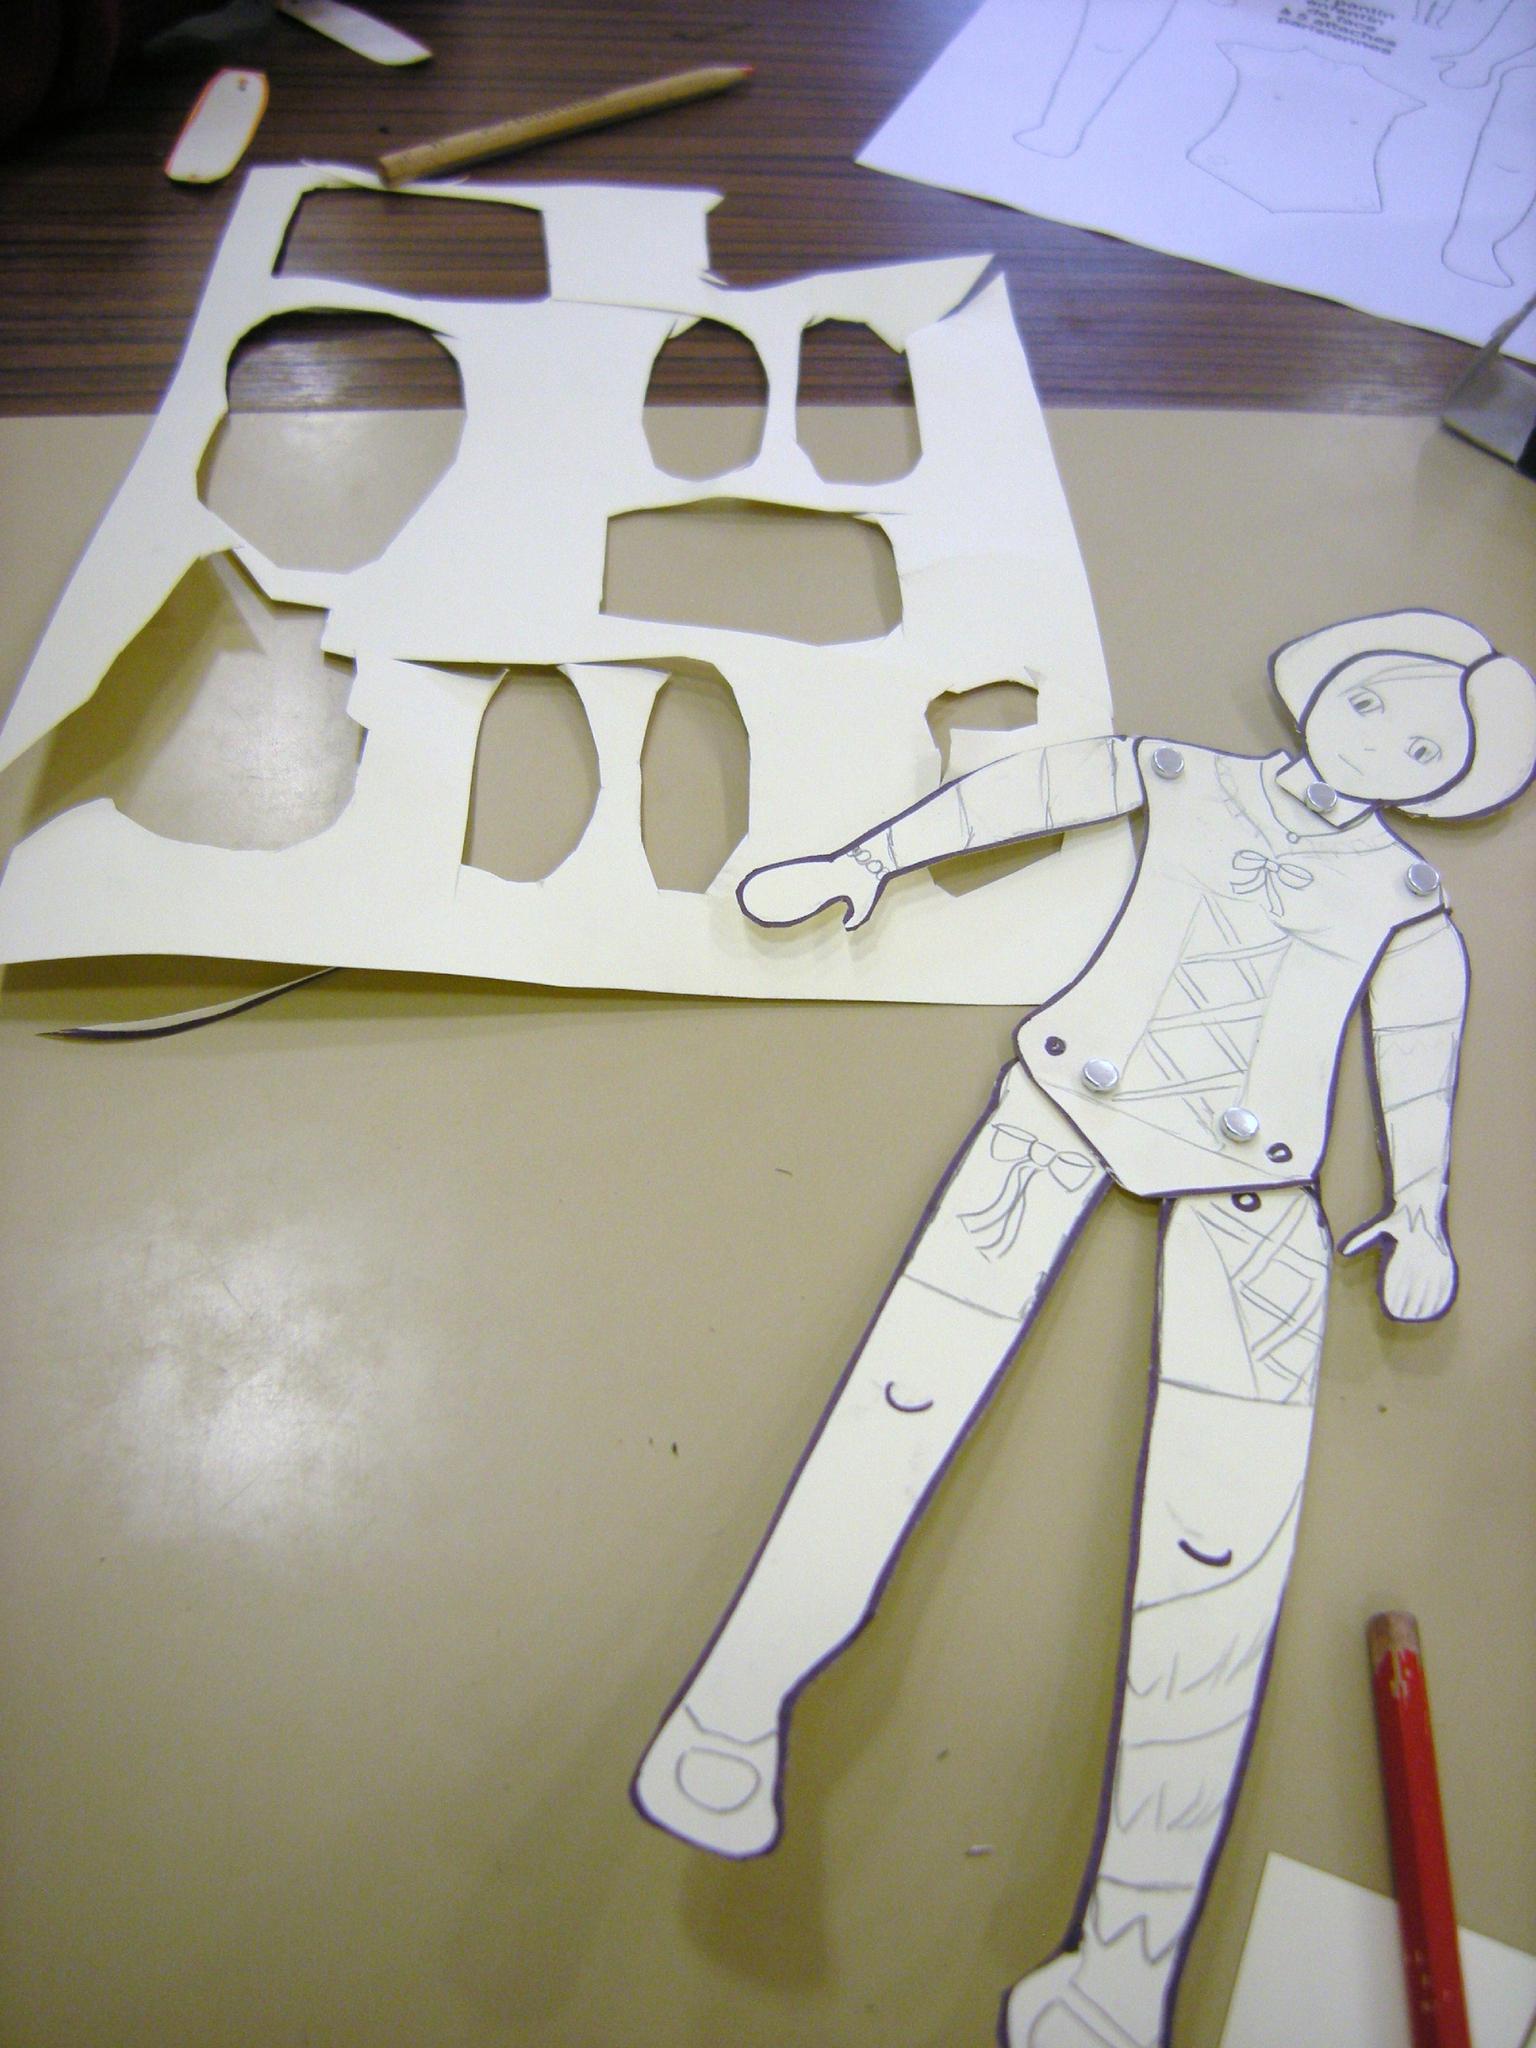 Fabrication De Pantins Articules En Carton Par Les Enfants encequiconcerne Fabrication D Un Pantin Articulé